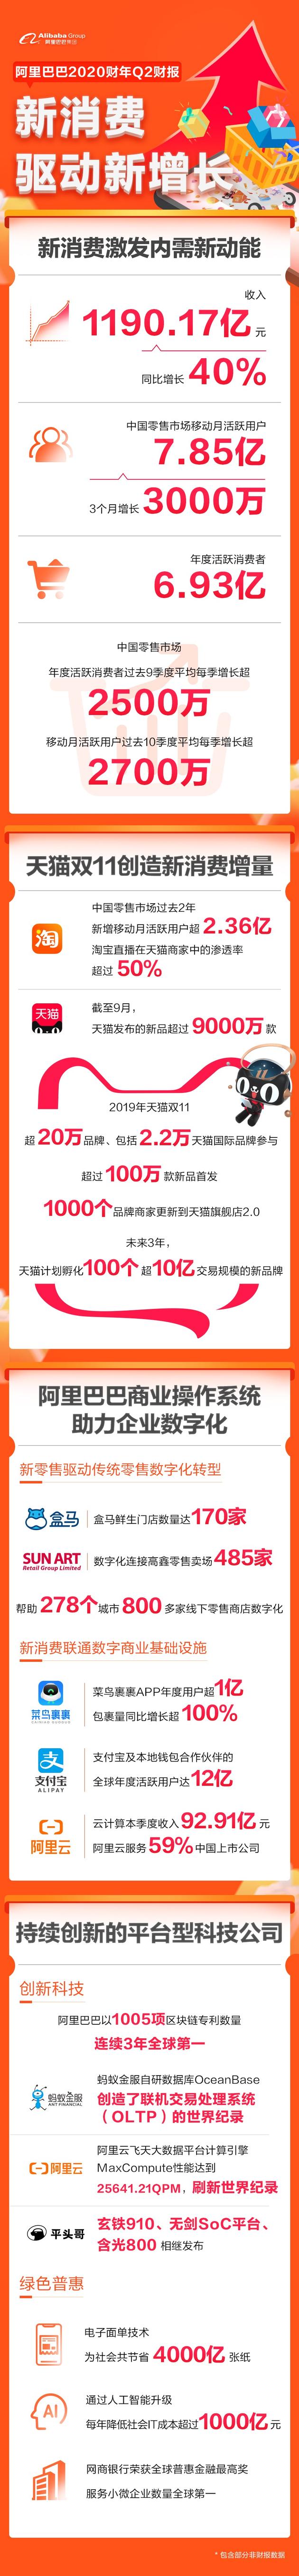 云顶娱乐注册送6 - 中华人民共和国成立70周年:天安门举行庆祝活动首次联合演练